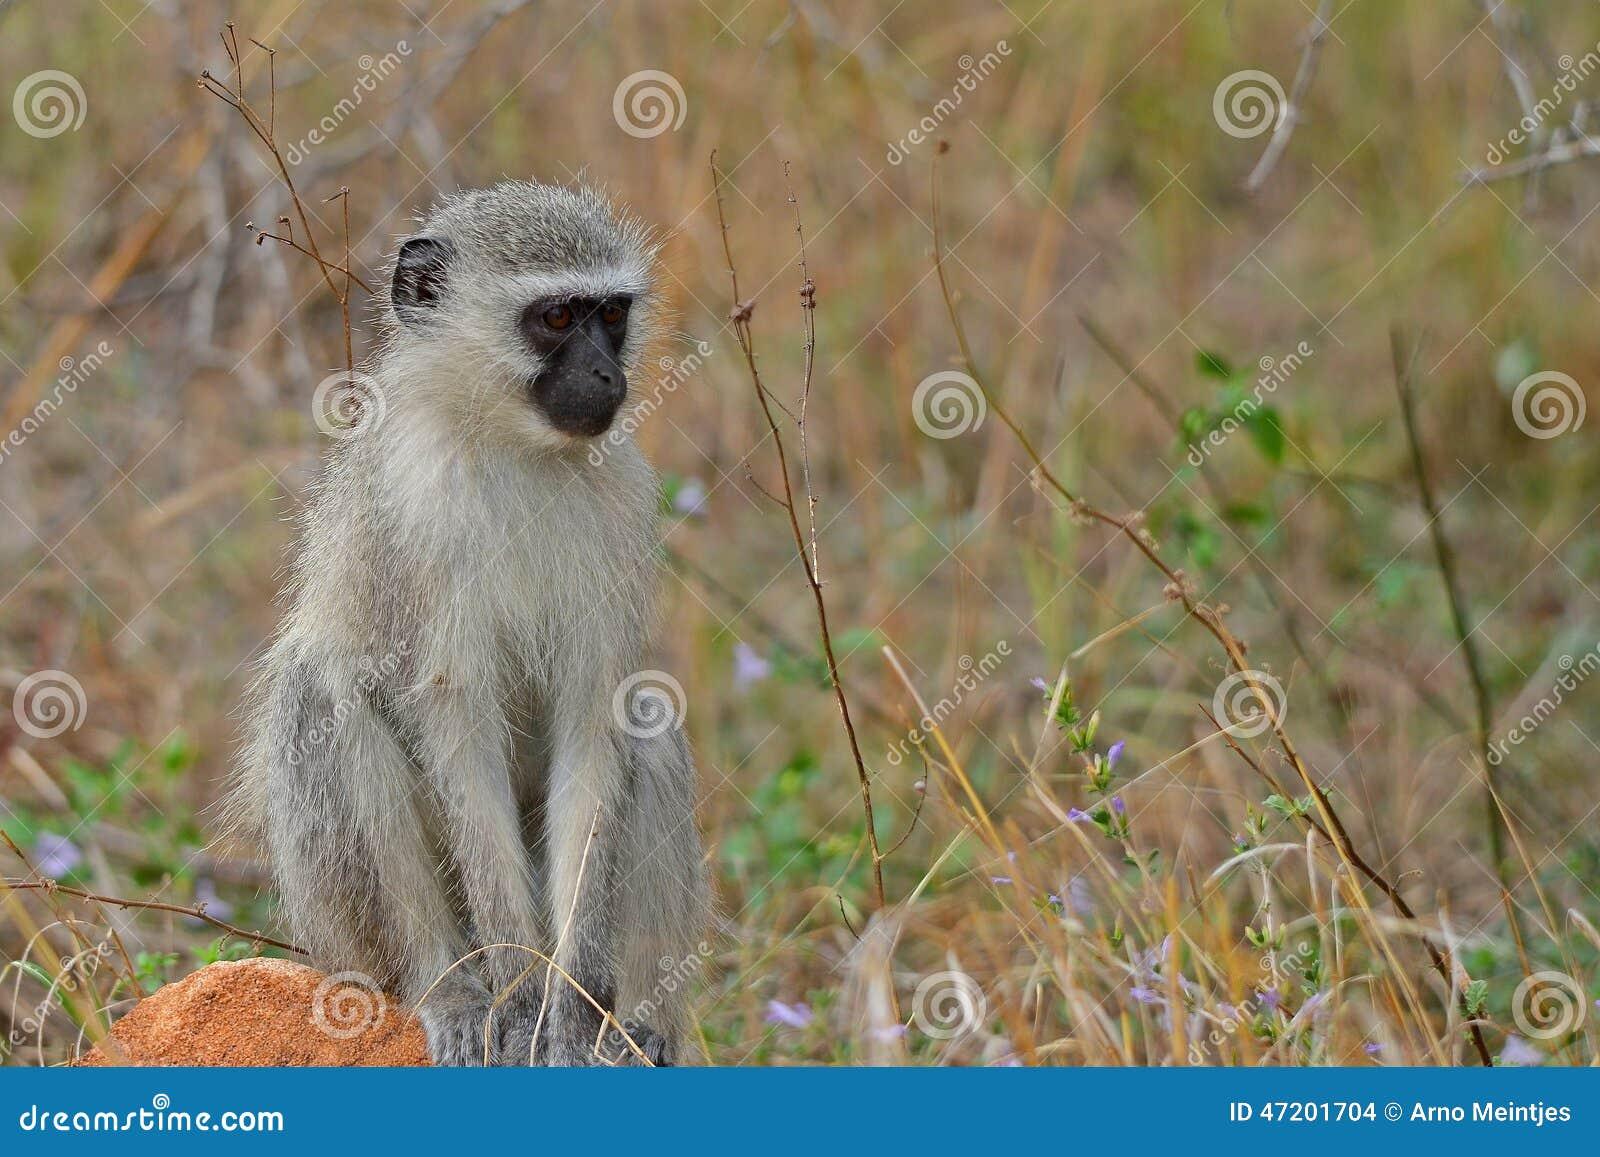 Africa jako cercopithecidae chlorocebus rodzina znać małpi rodzimy stary pygerythrus po prostu czasem vervet który świat